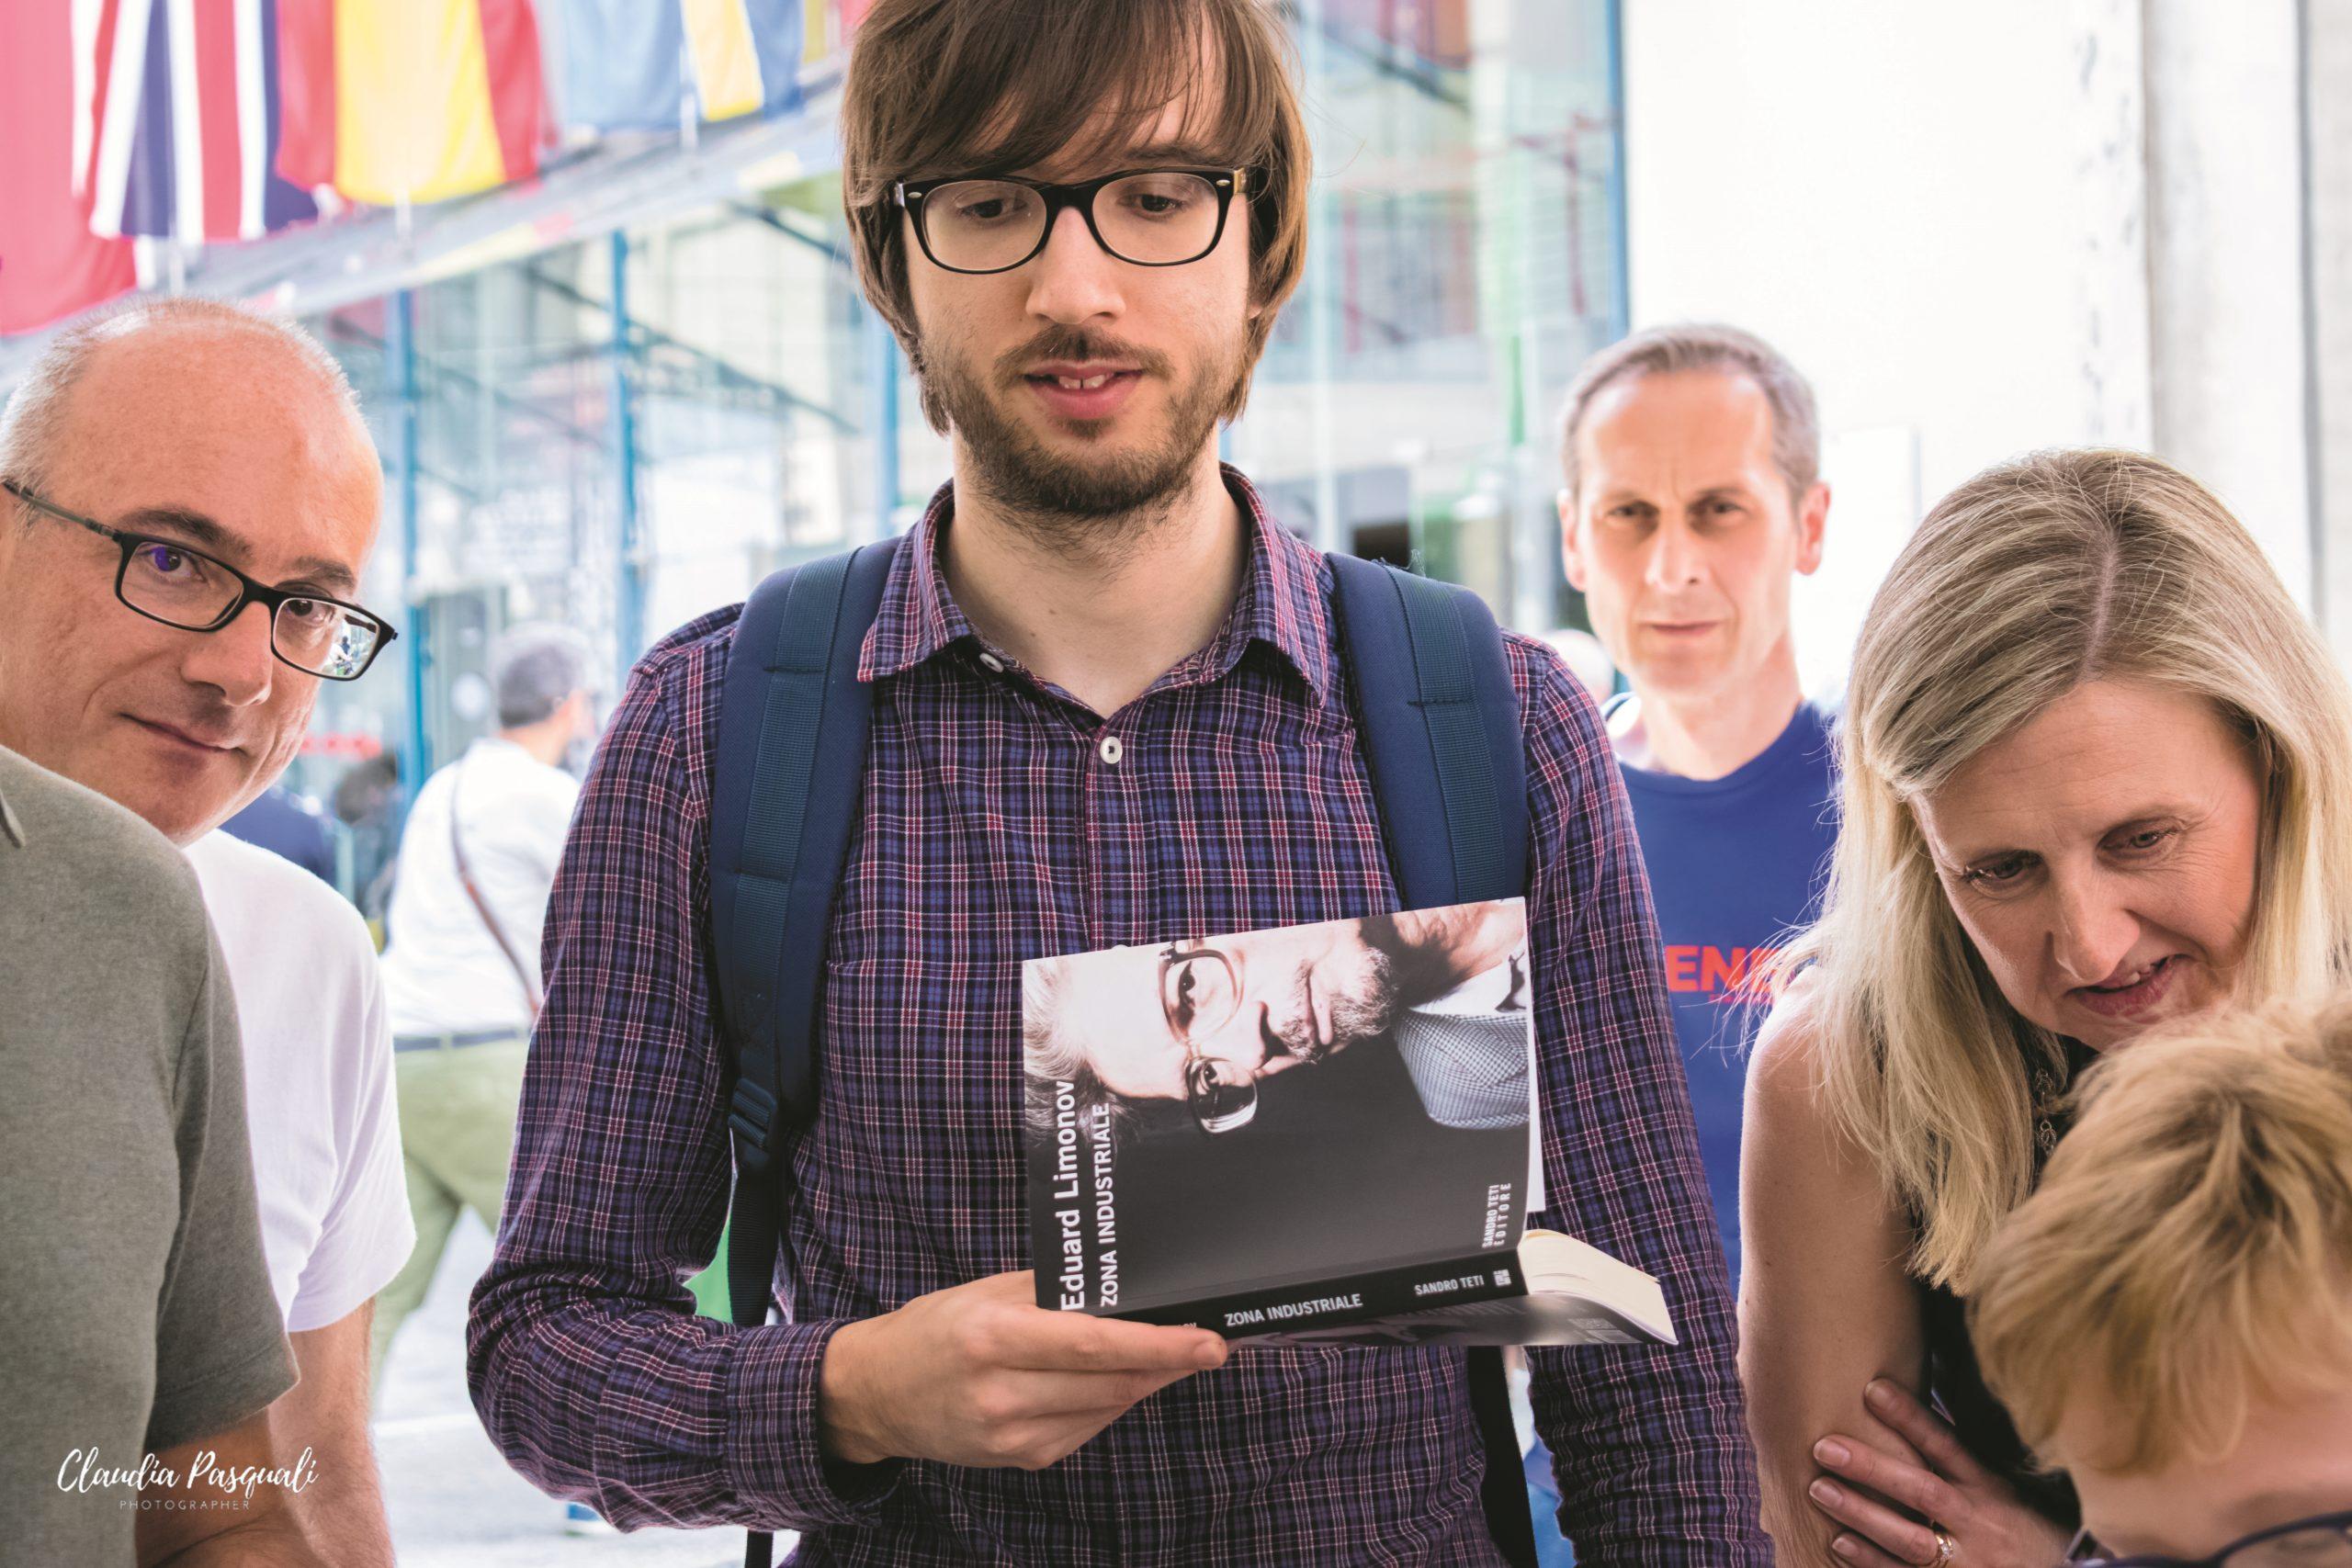 """Presentazione del libro """"Zona industriale"""" di Eduard Limonov presso il Salone del libro di Torino. Il firmacopie."""